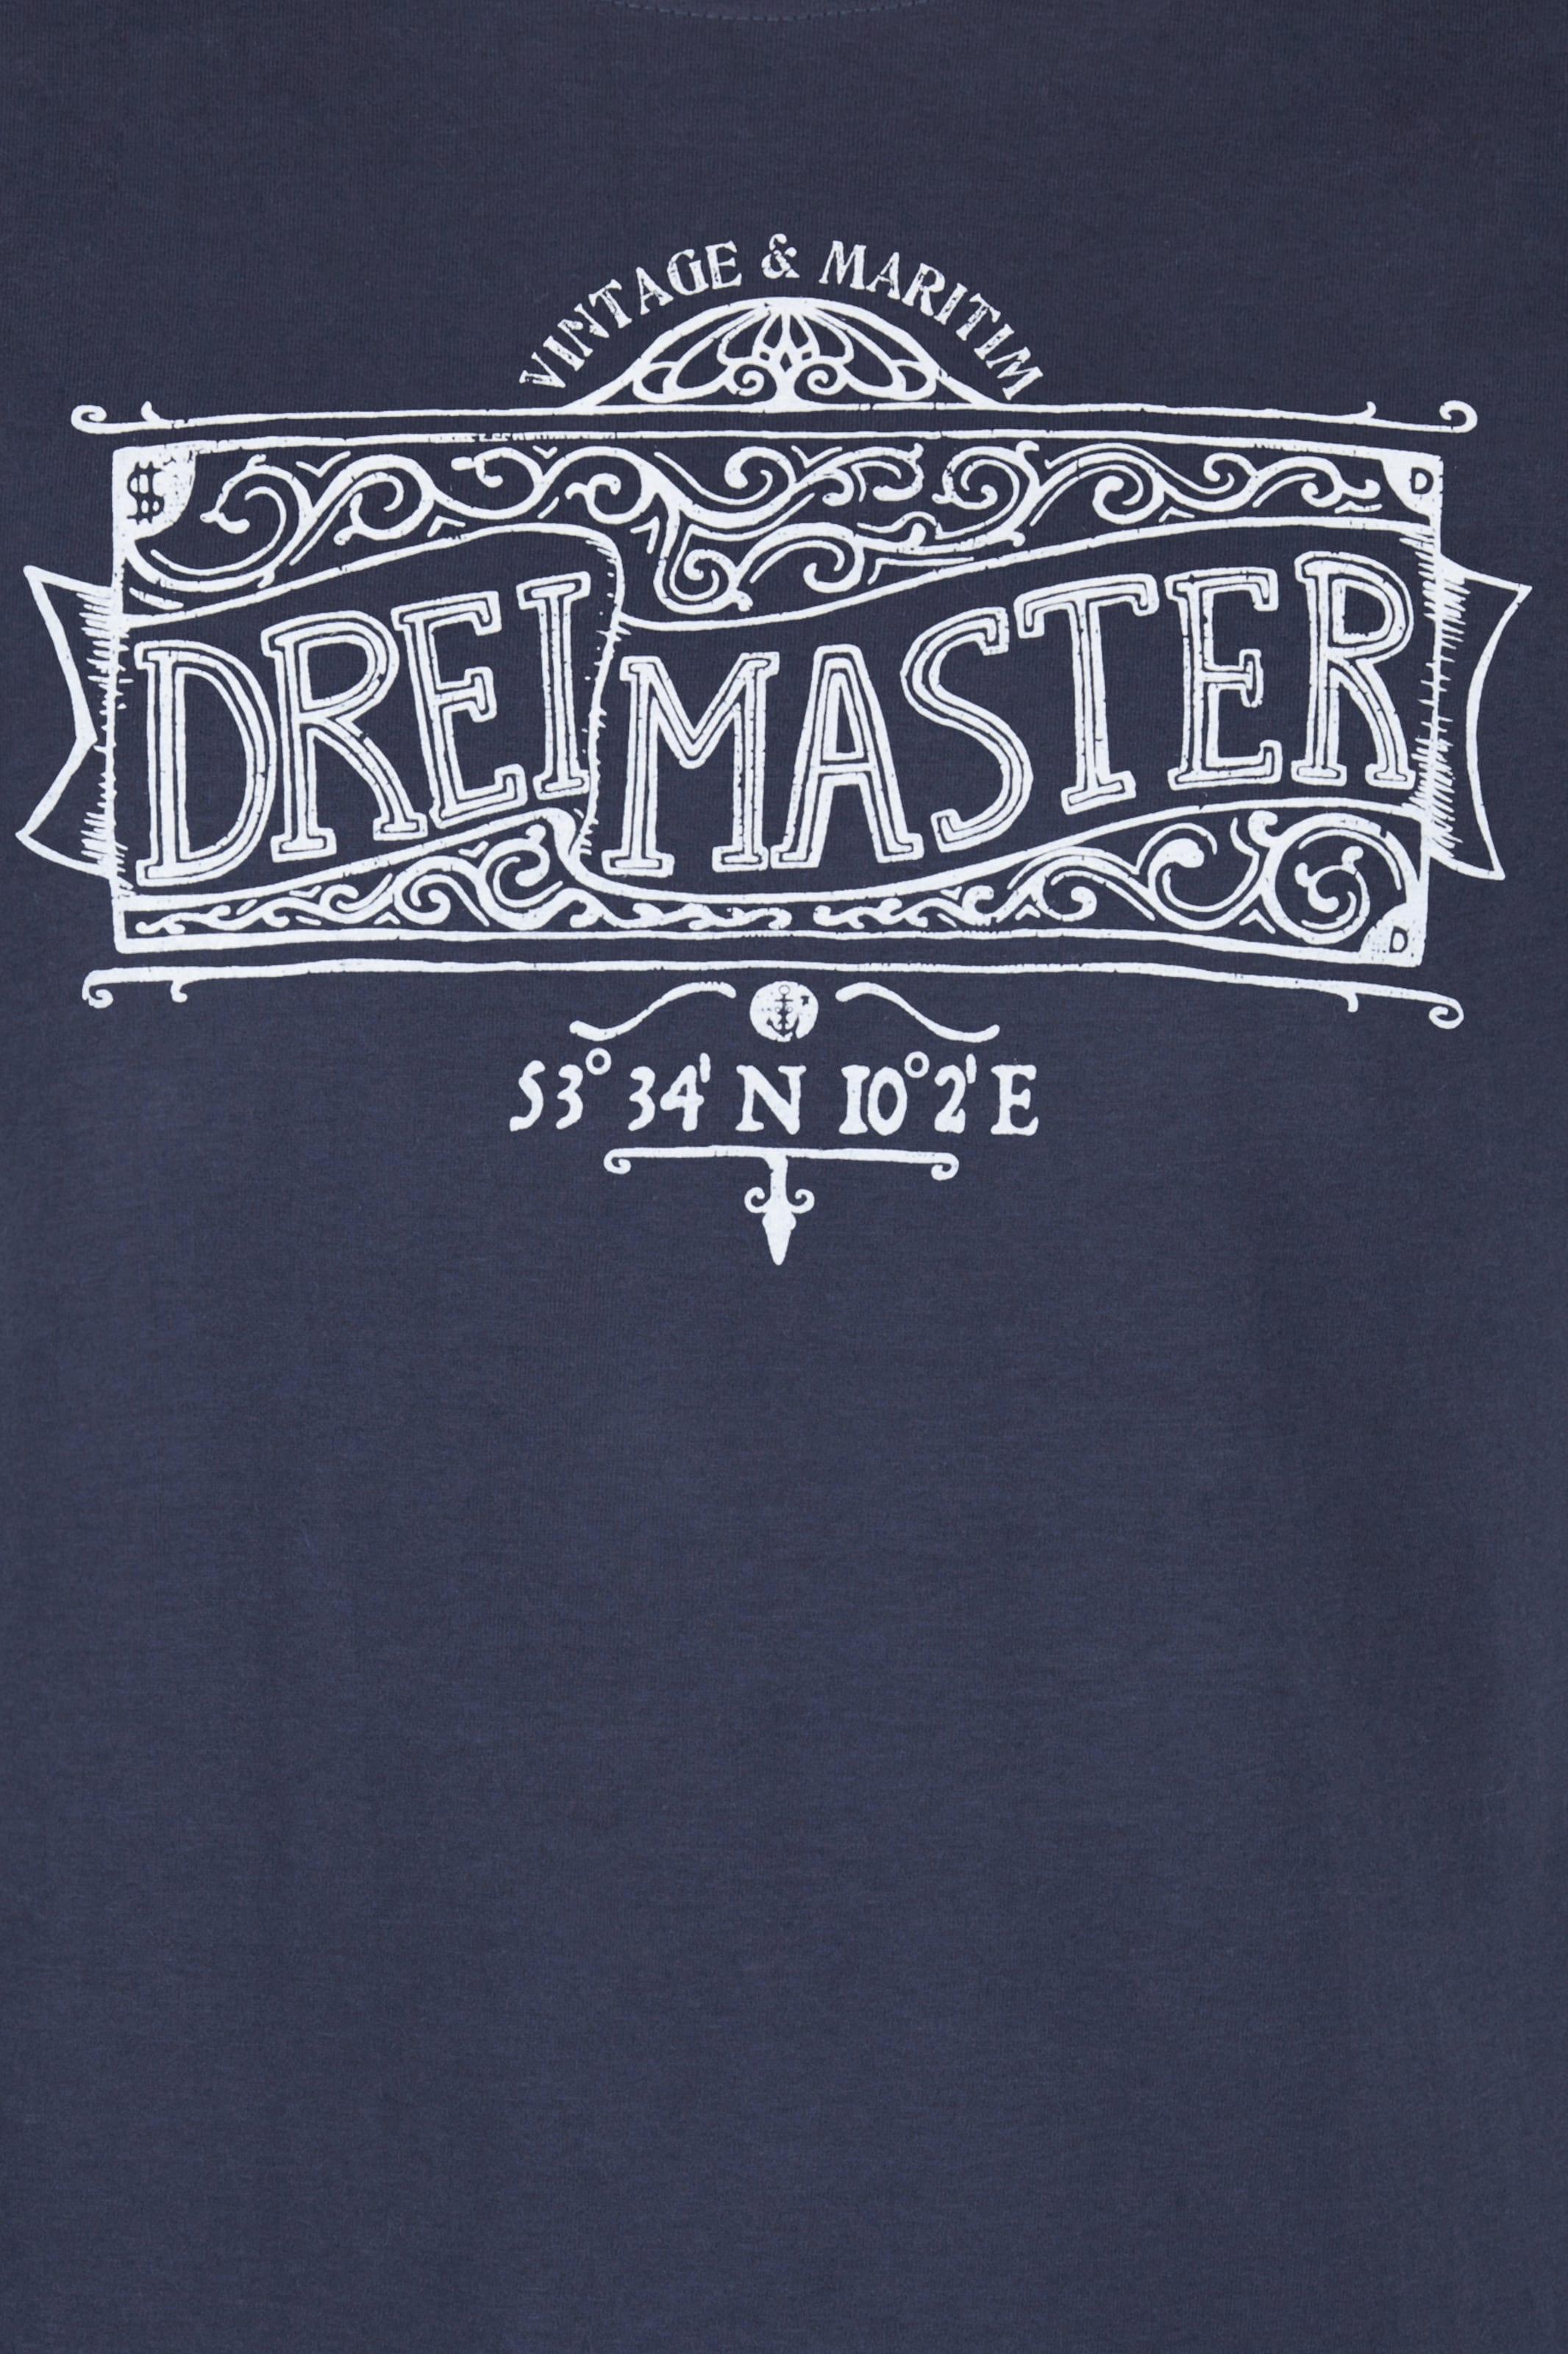 DREIMASTER T-Shirt Billige Echte Spielraum Niedrig Kosten Verkauf Neuer Stile Bester Ort Zum Verkauf Wirklich Billig Preis BOVDefesUE